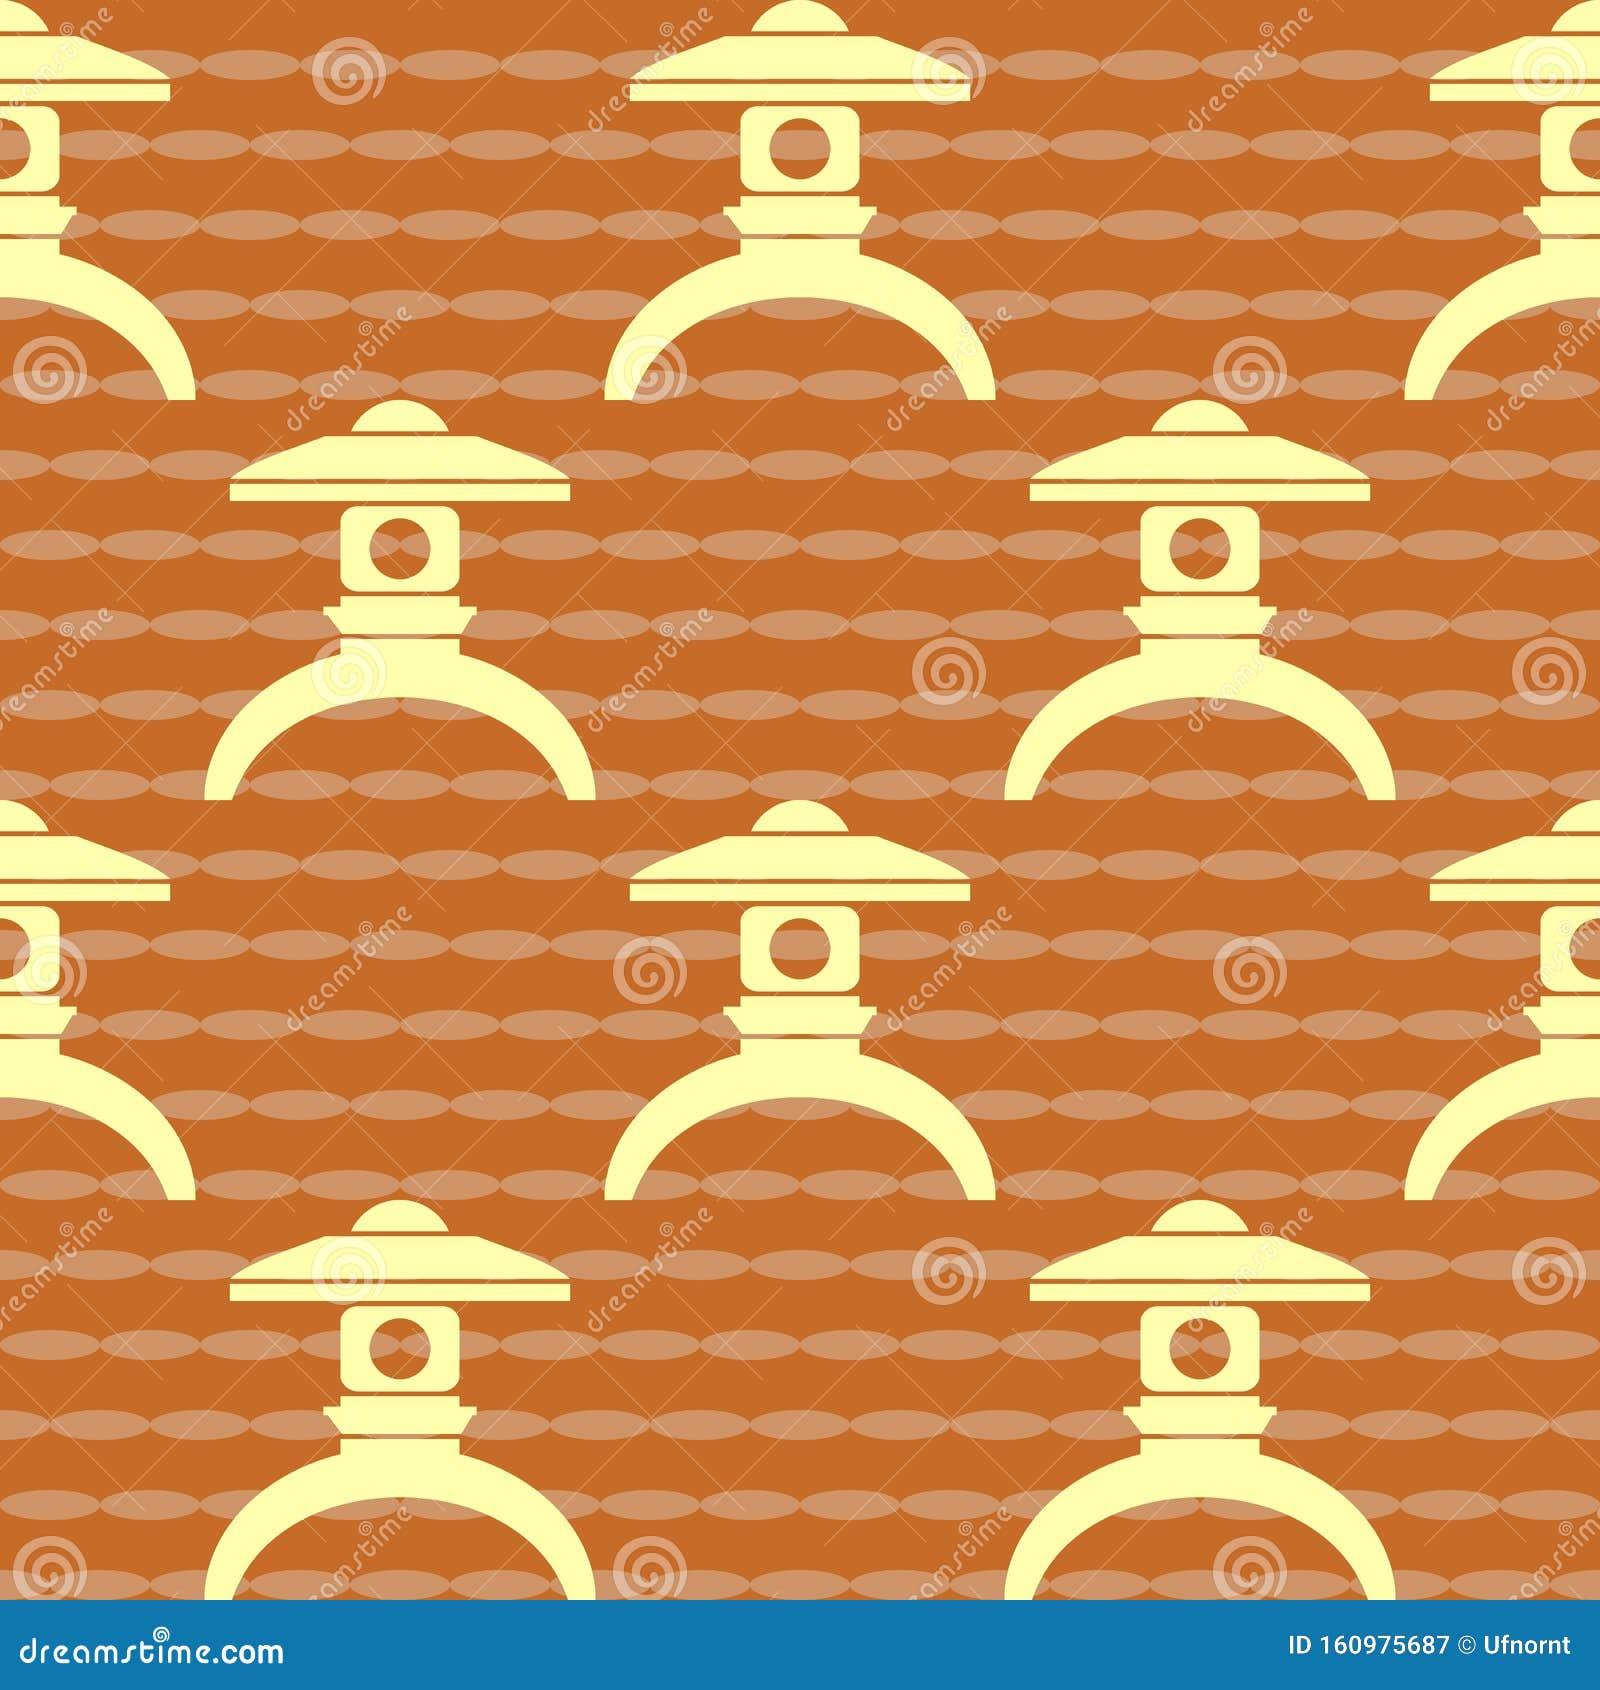 Japanese Lantern Pattern Stock Vector Illustration Of Festival 160975687